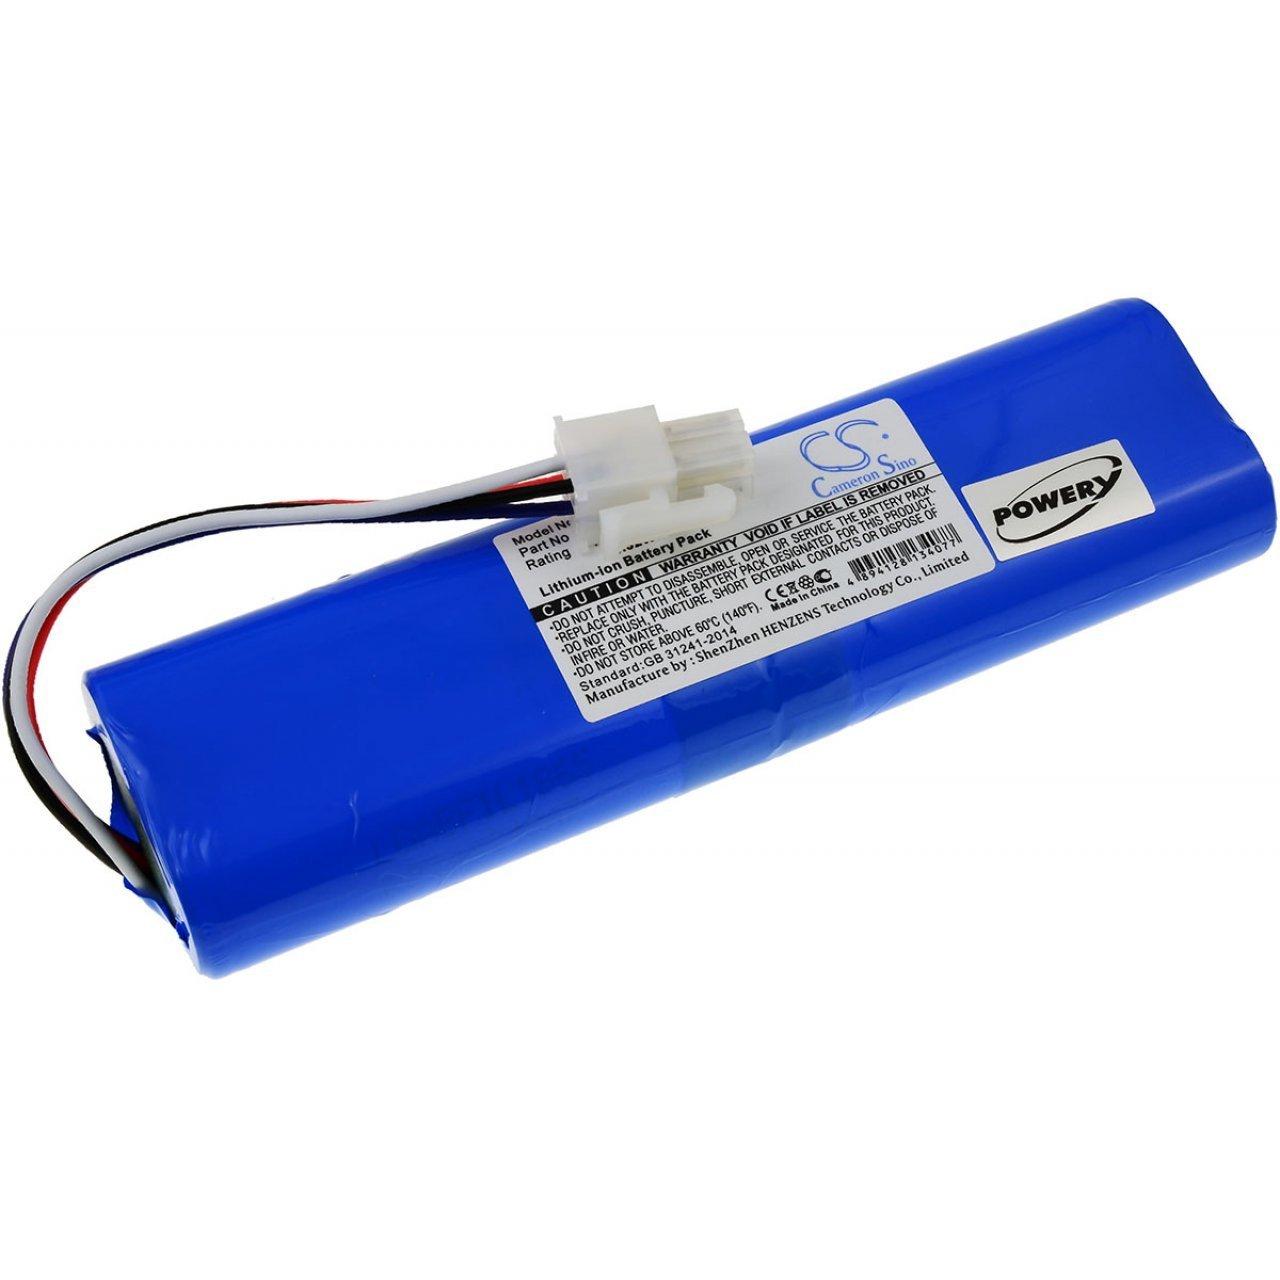 Powery Batería de Alta Capacidad para Robot Aspirador Philips FC8776 ...